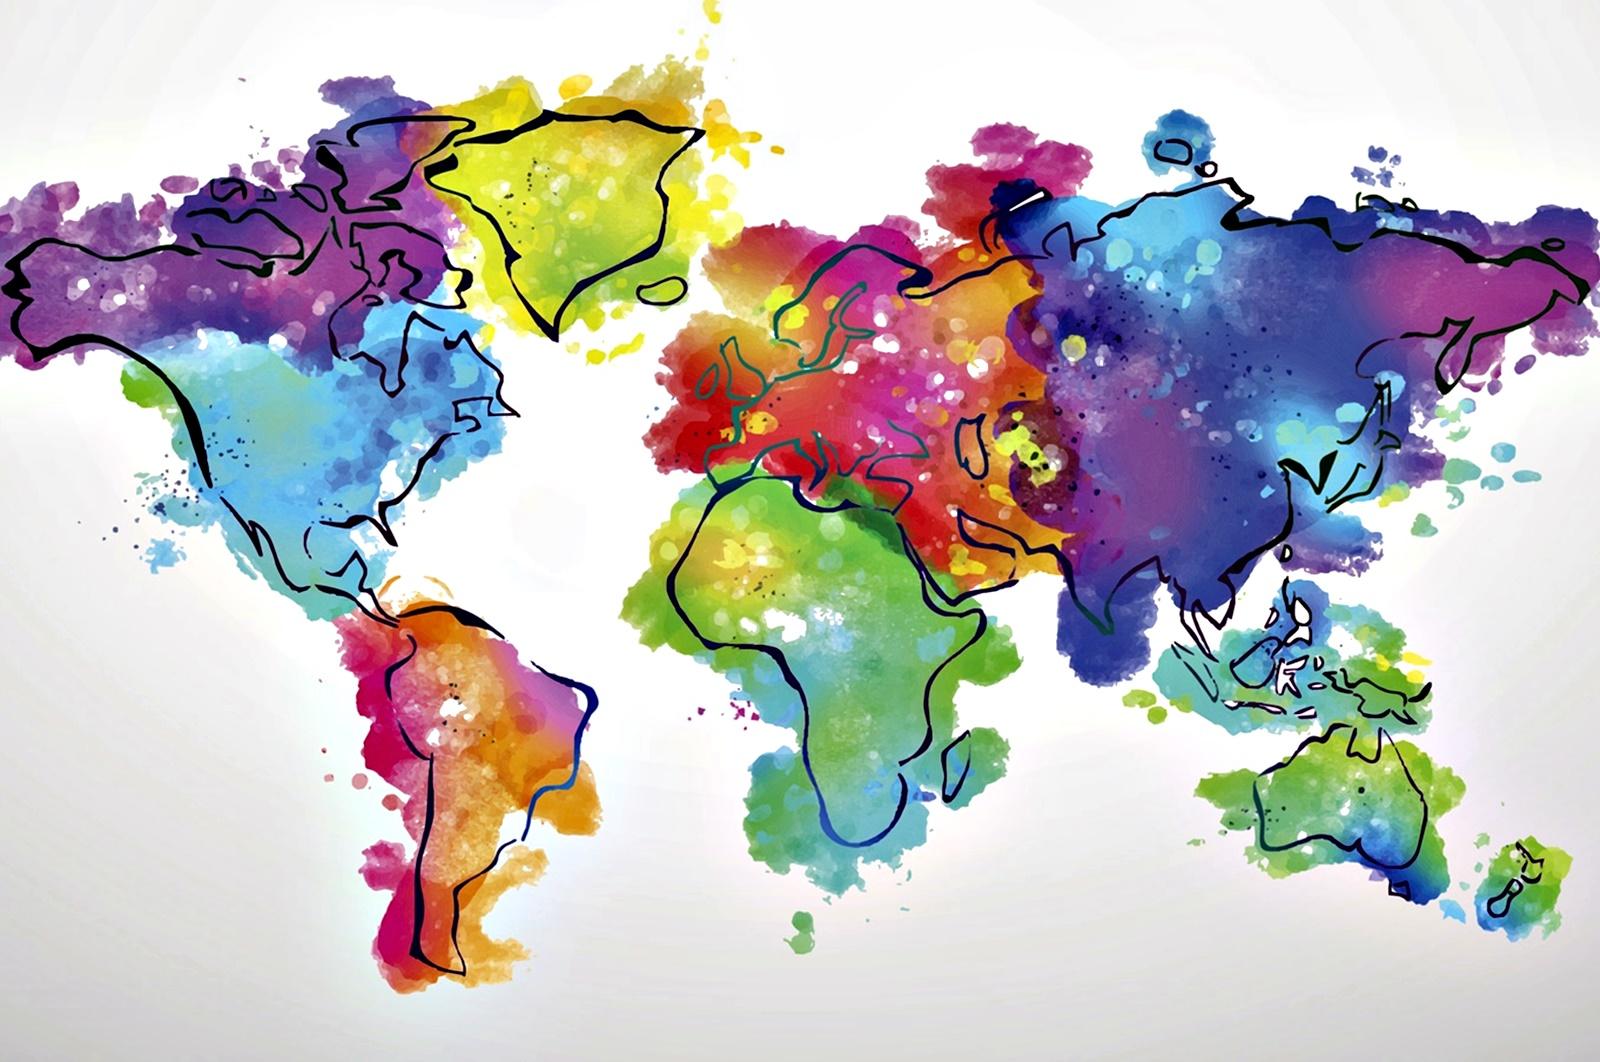 Цветовете не означават едни и същи неща в различните култури. Затова преди да изберете определен цвят за специална среща или пък за логото на фирмата си, по-добре помислете пред кого ще го представяте и прочетете как това може да се възприеме, след като се информирате какво означават различните цветове по света.